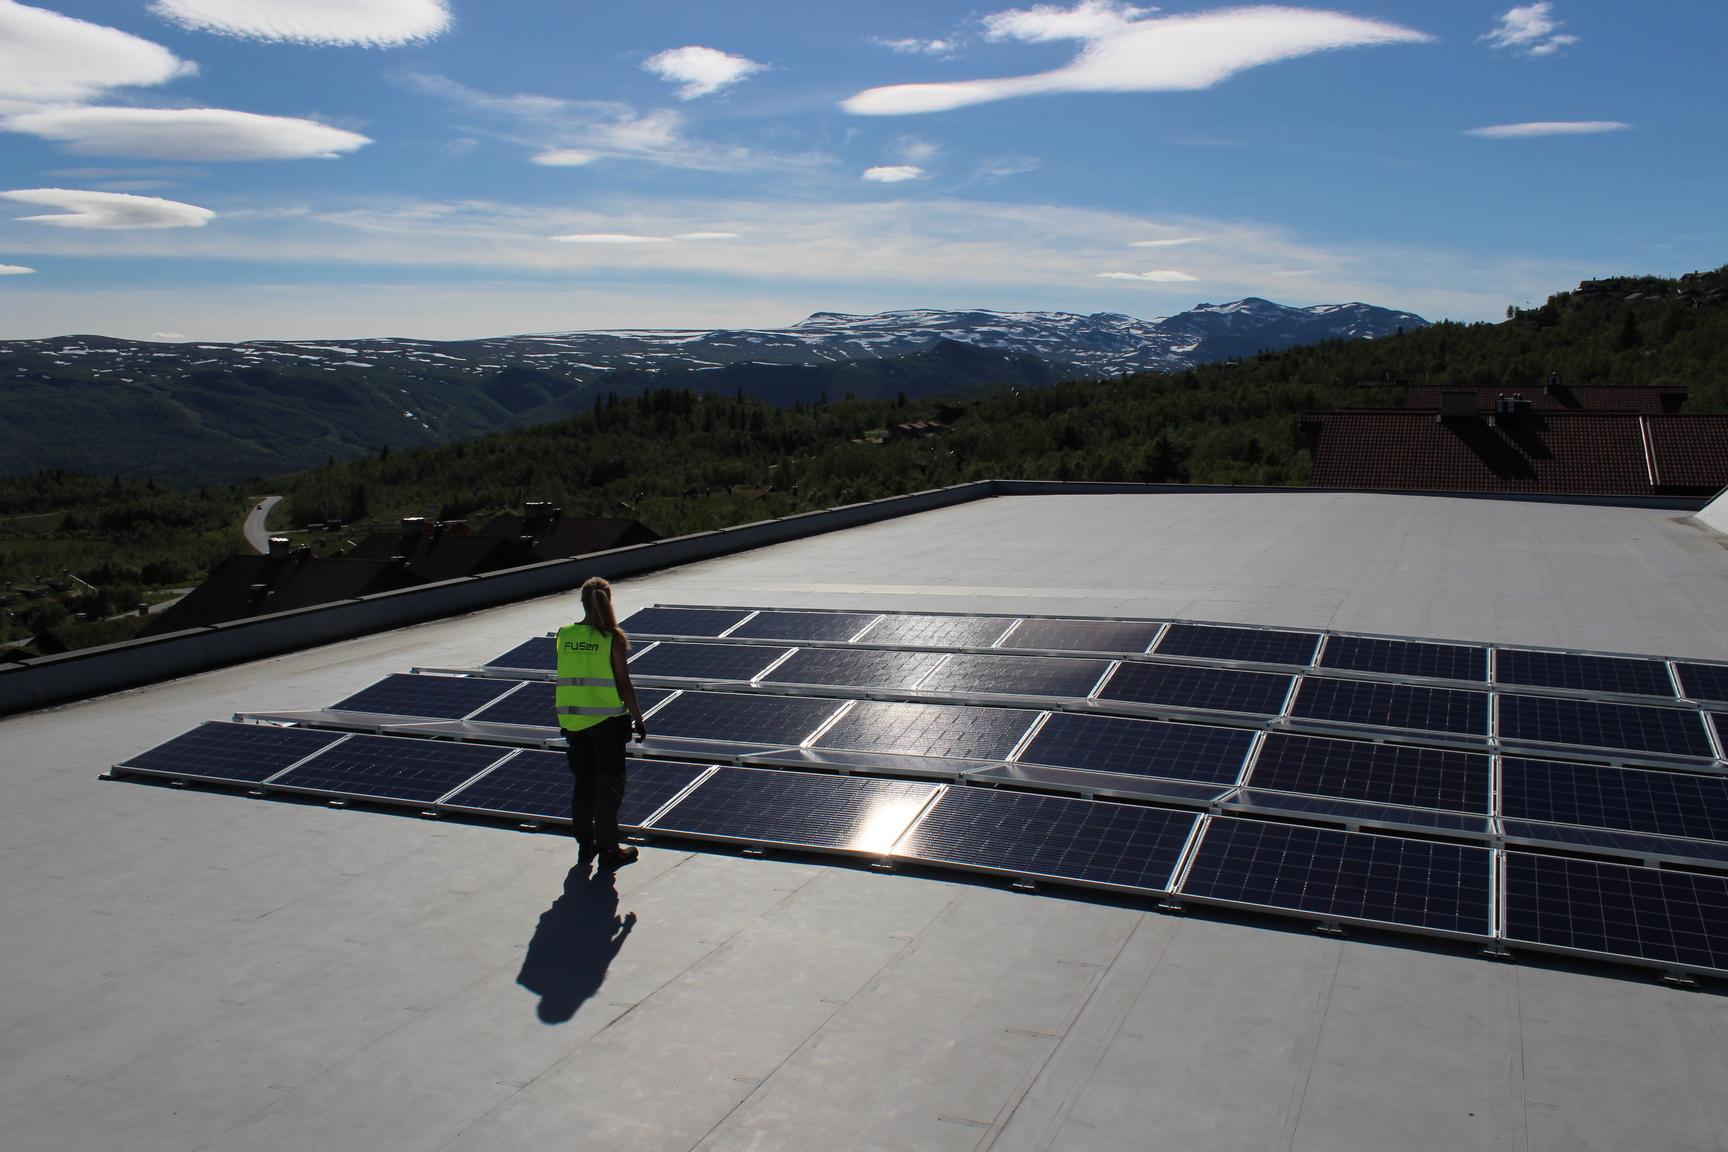 Hvor mye solenergi kan jeg få fra taket? Hva koster solcellepaneler på tak?